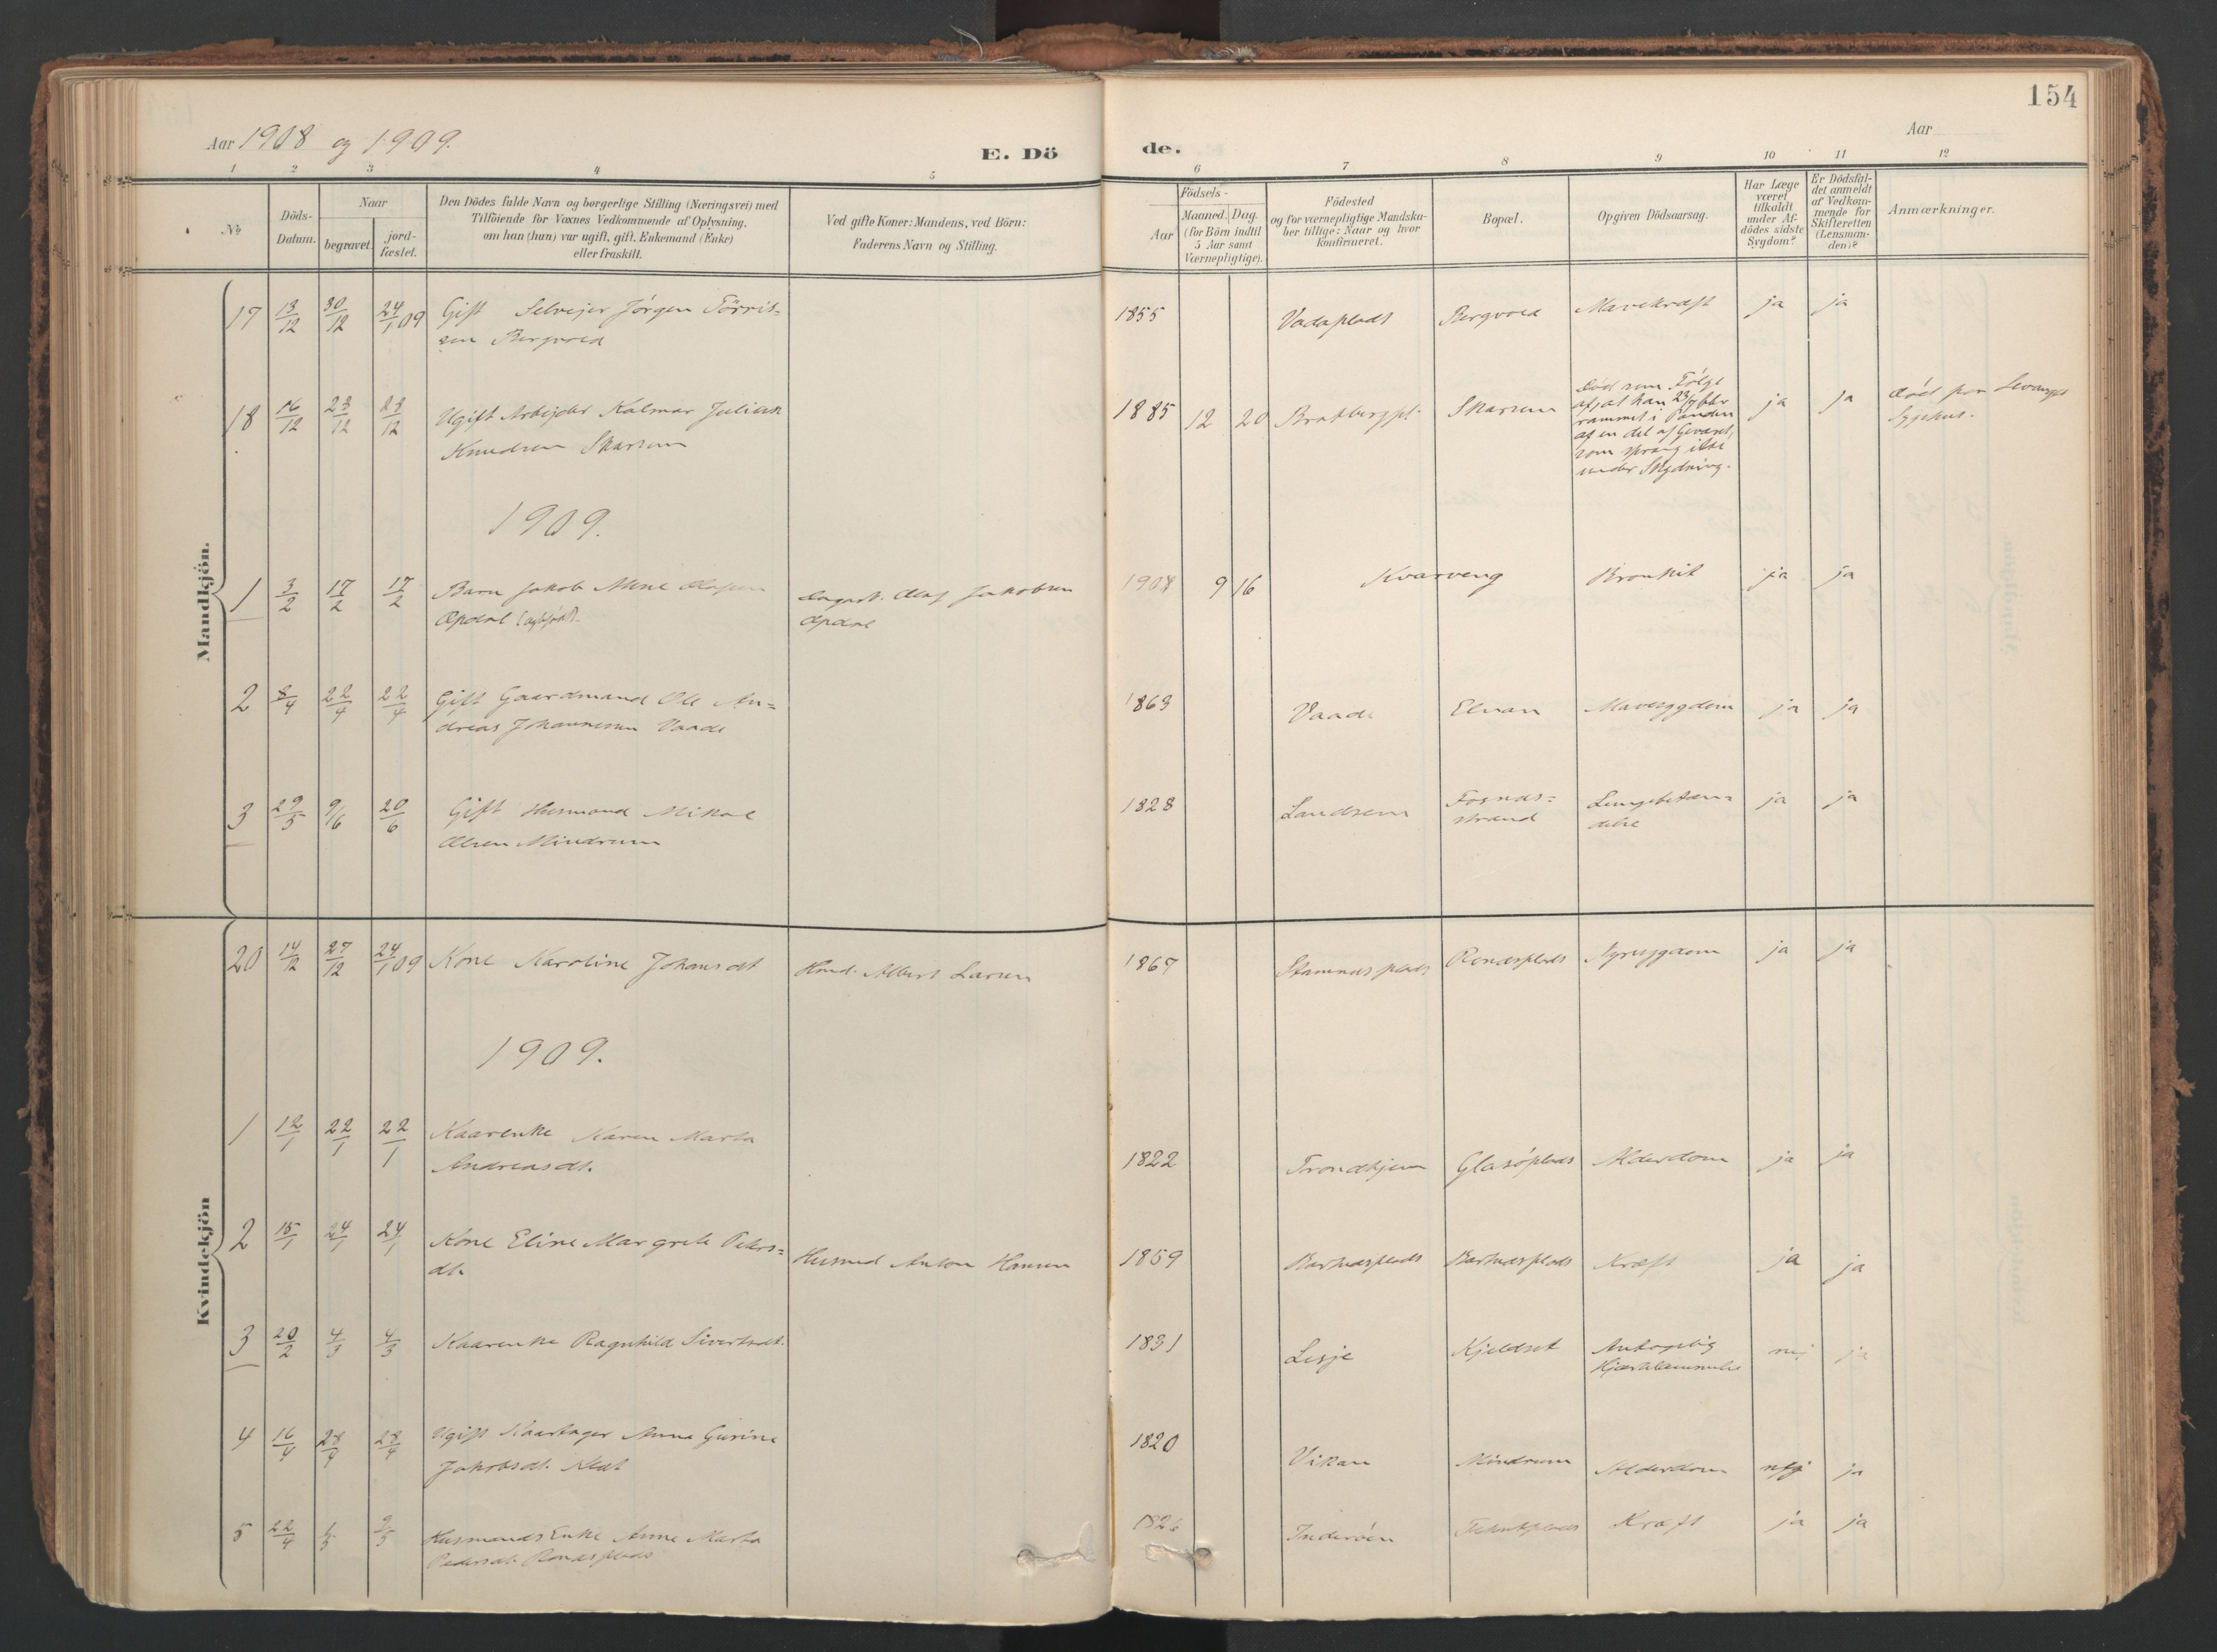 SAT, Ministerialprotokoller, klokkerbøker og fødselsregistre - Nord-Trøndelag, 741/L0397: Ministerialbok nr. 741A11, 1901-1911, s. 154